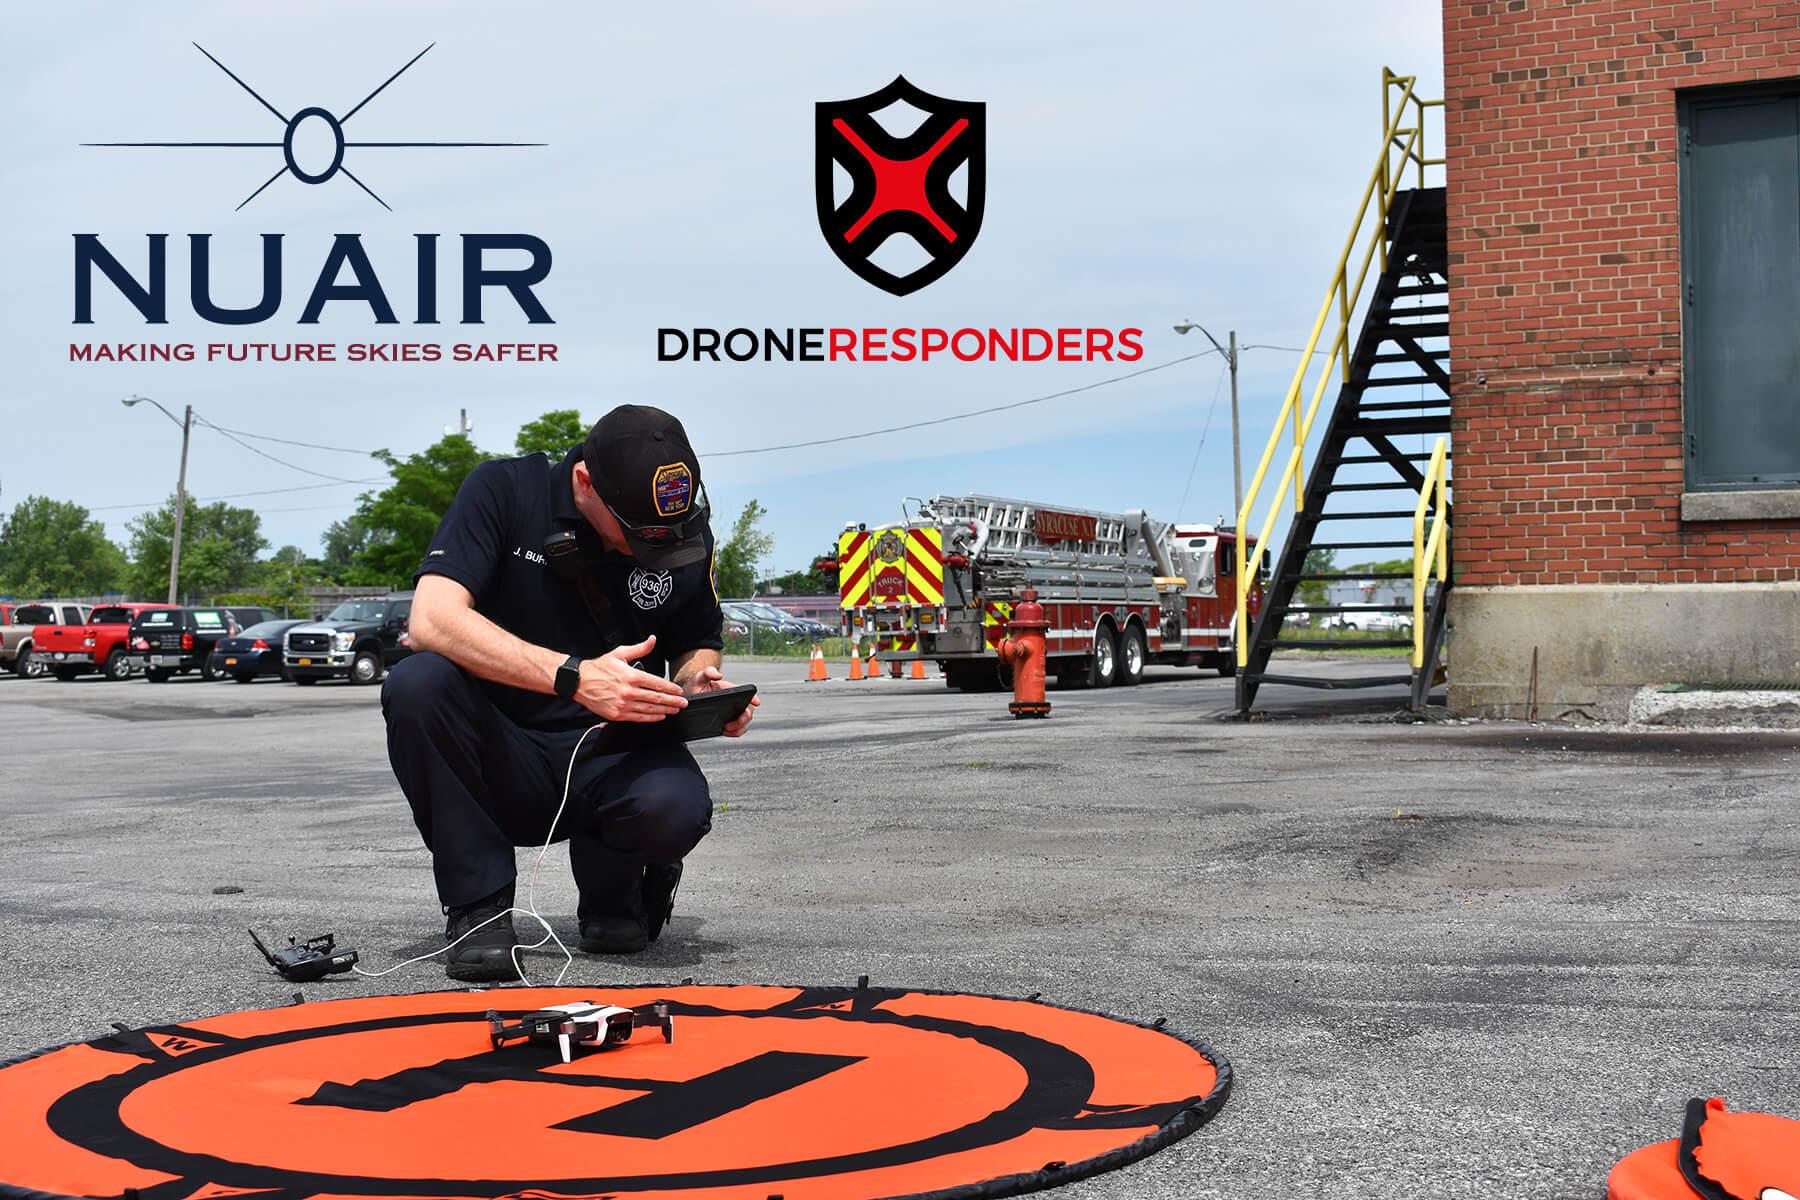 NUAIR & DroneResponders